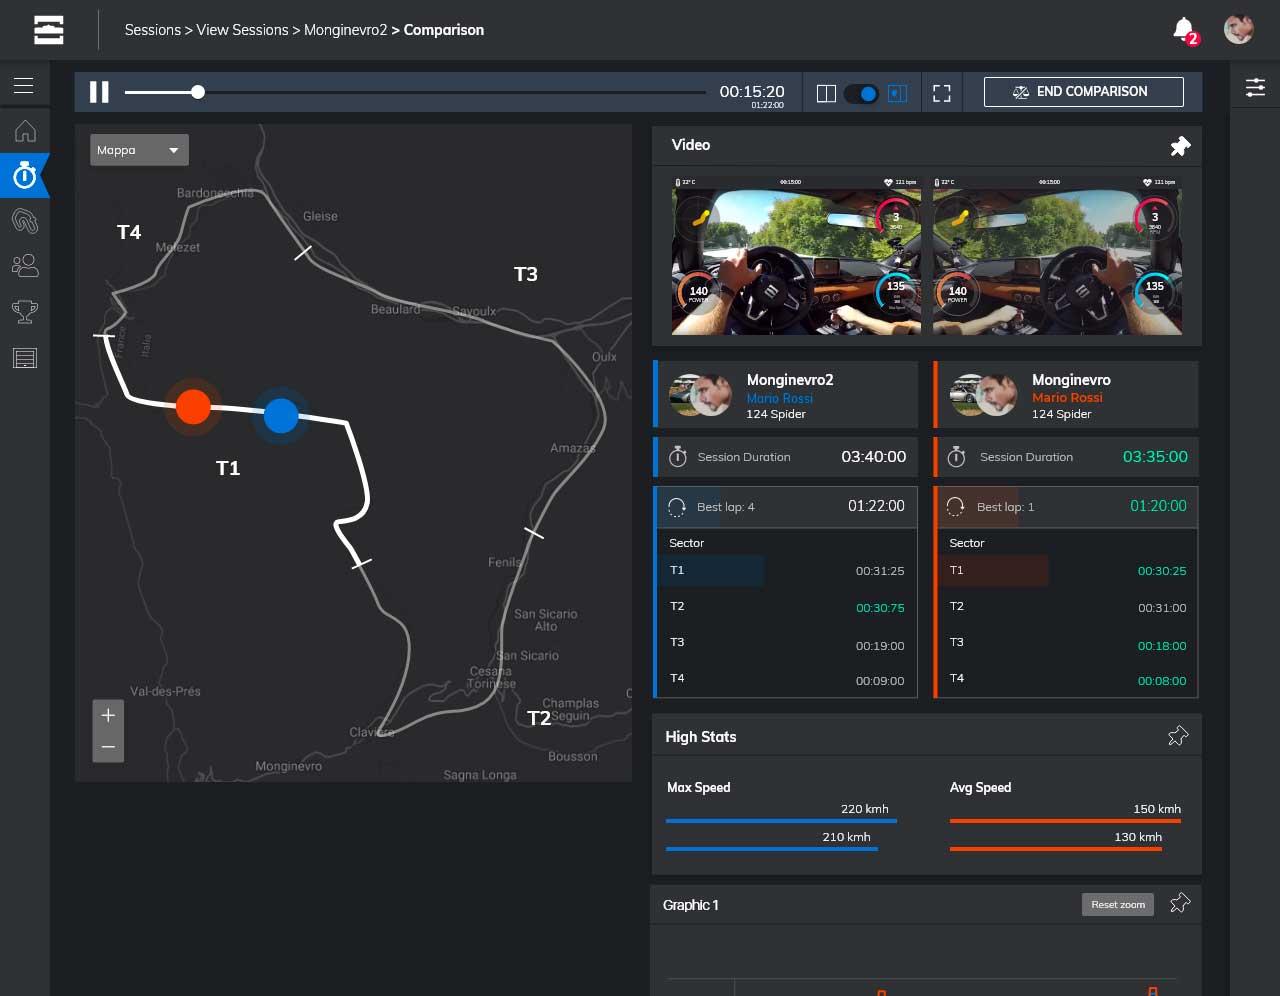 Web portal telemetry